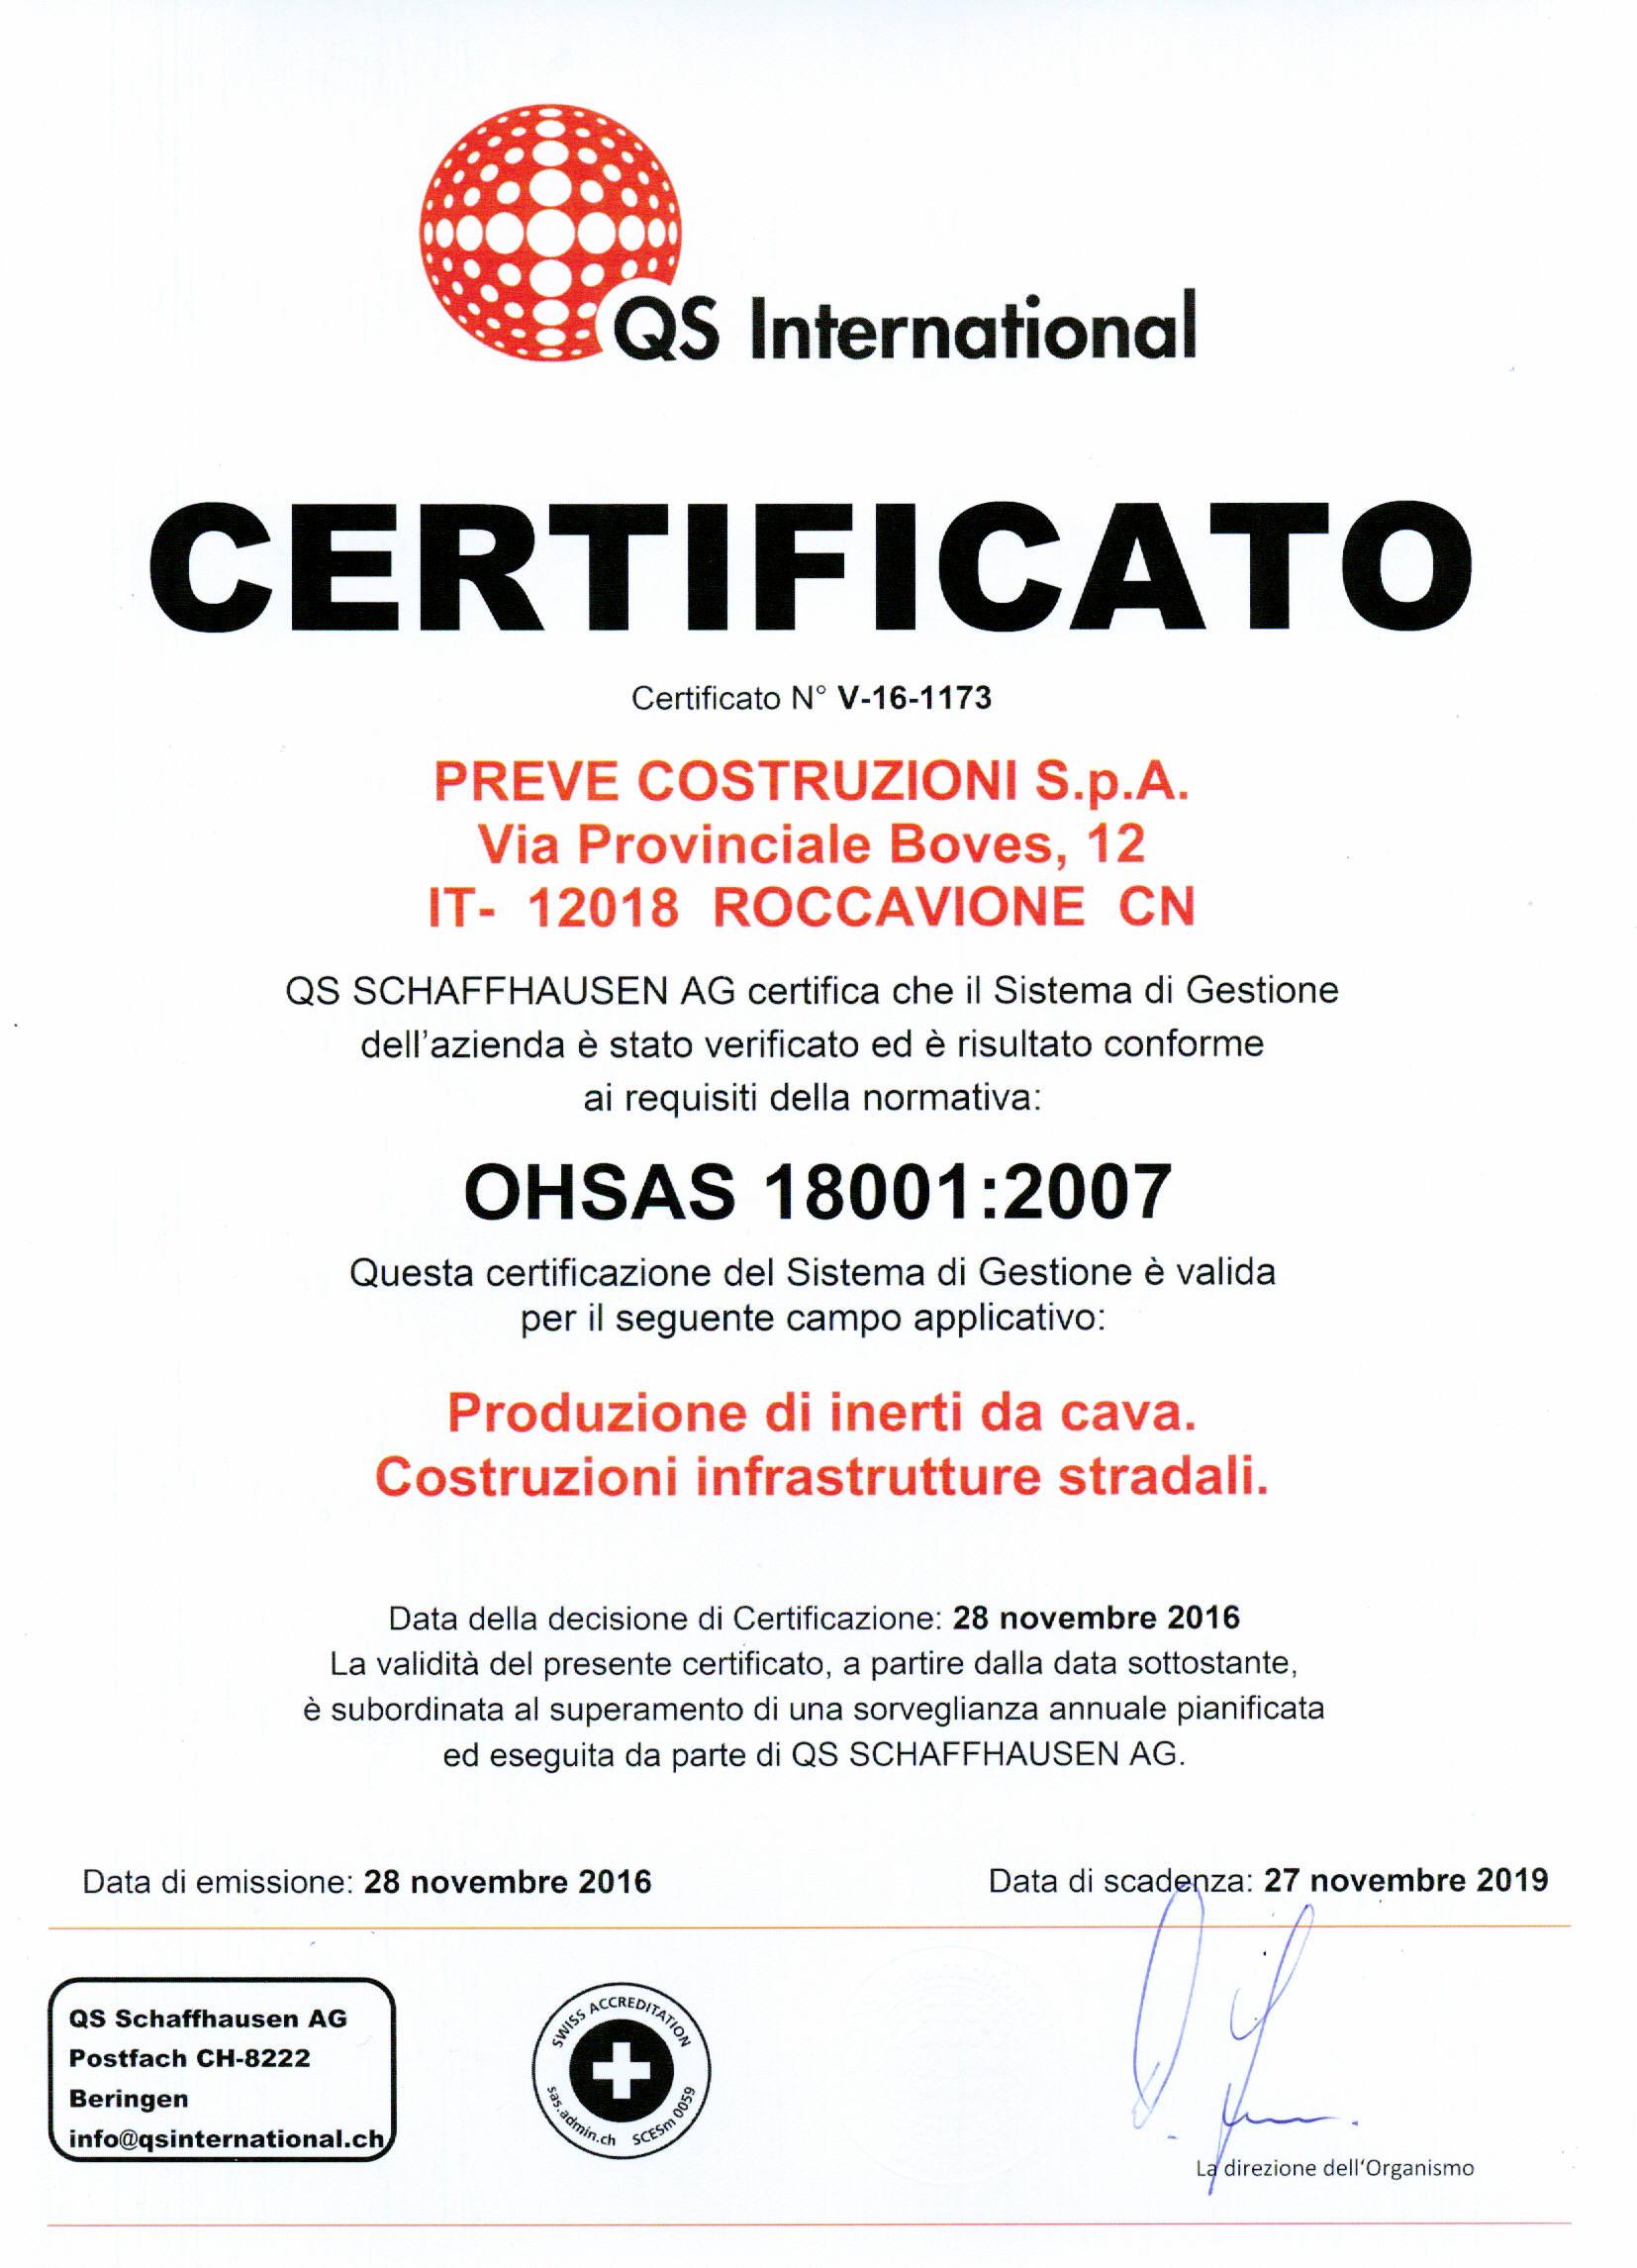 2016_2019 CERTIFICATO QS PREVE COSTRUZIONI